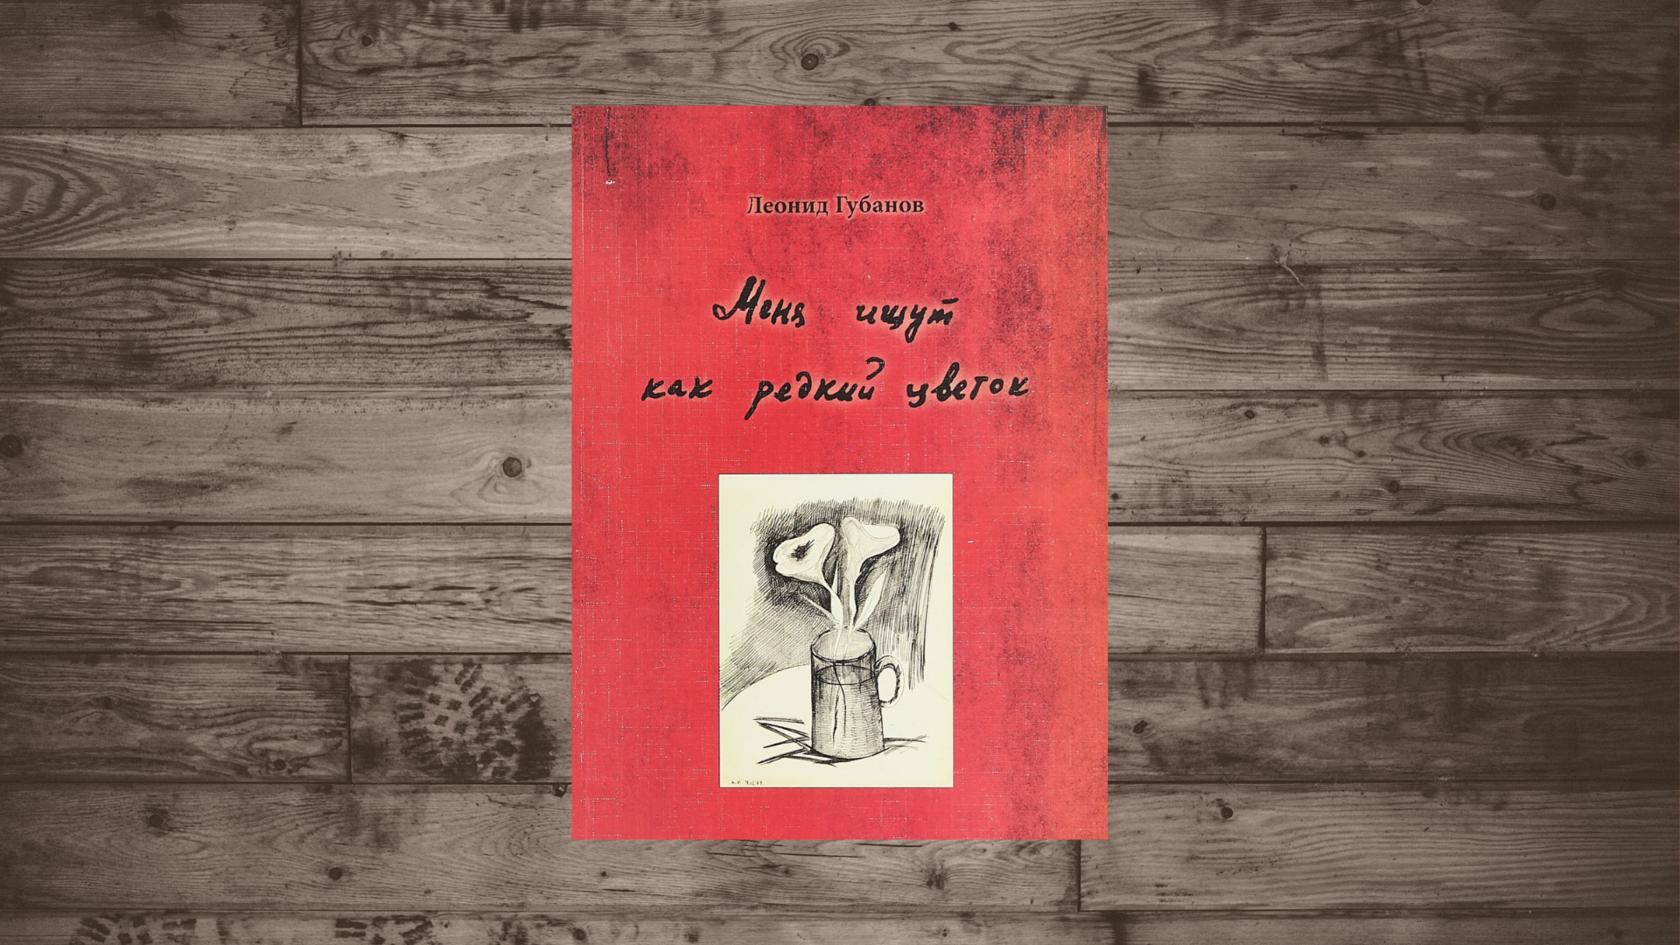 Купить книгу  Леонид Губанов «Меня ищут как редкий цветок»